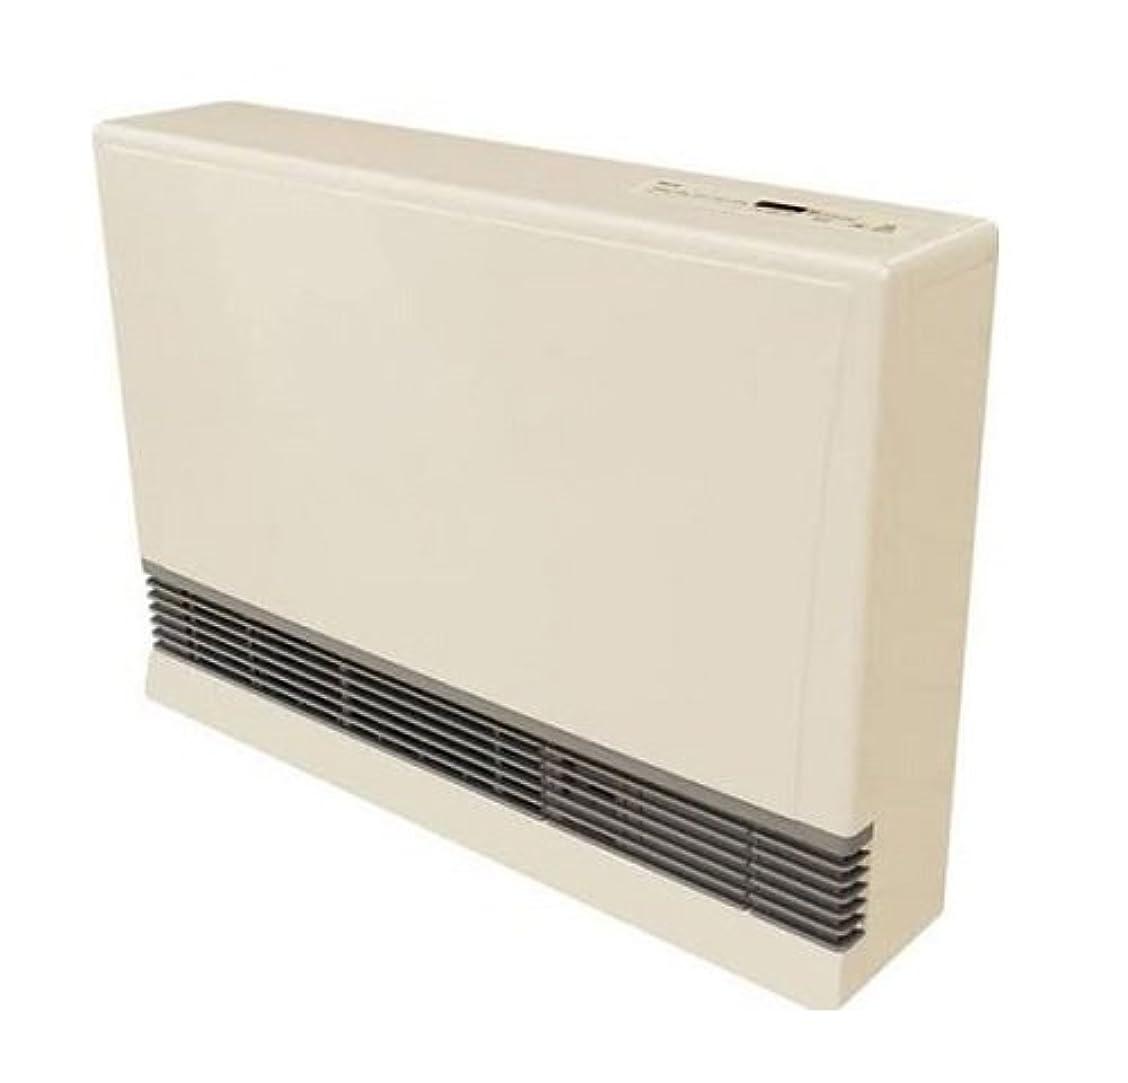 余暇テーブル火山Rinnai EX38CTLP Direct Vent Space Heater - Liquid Propane BEIGE, 141[並行輸入]